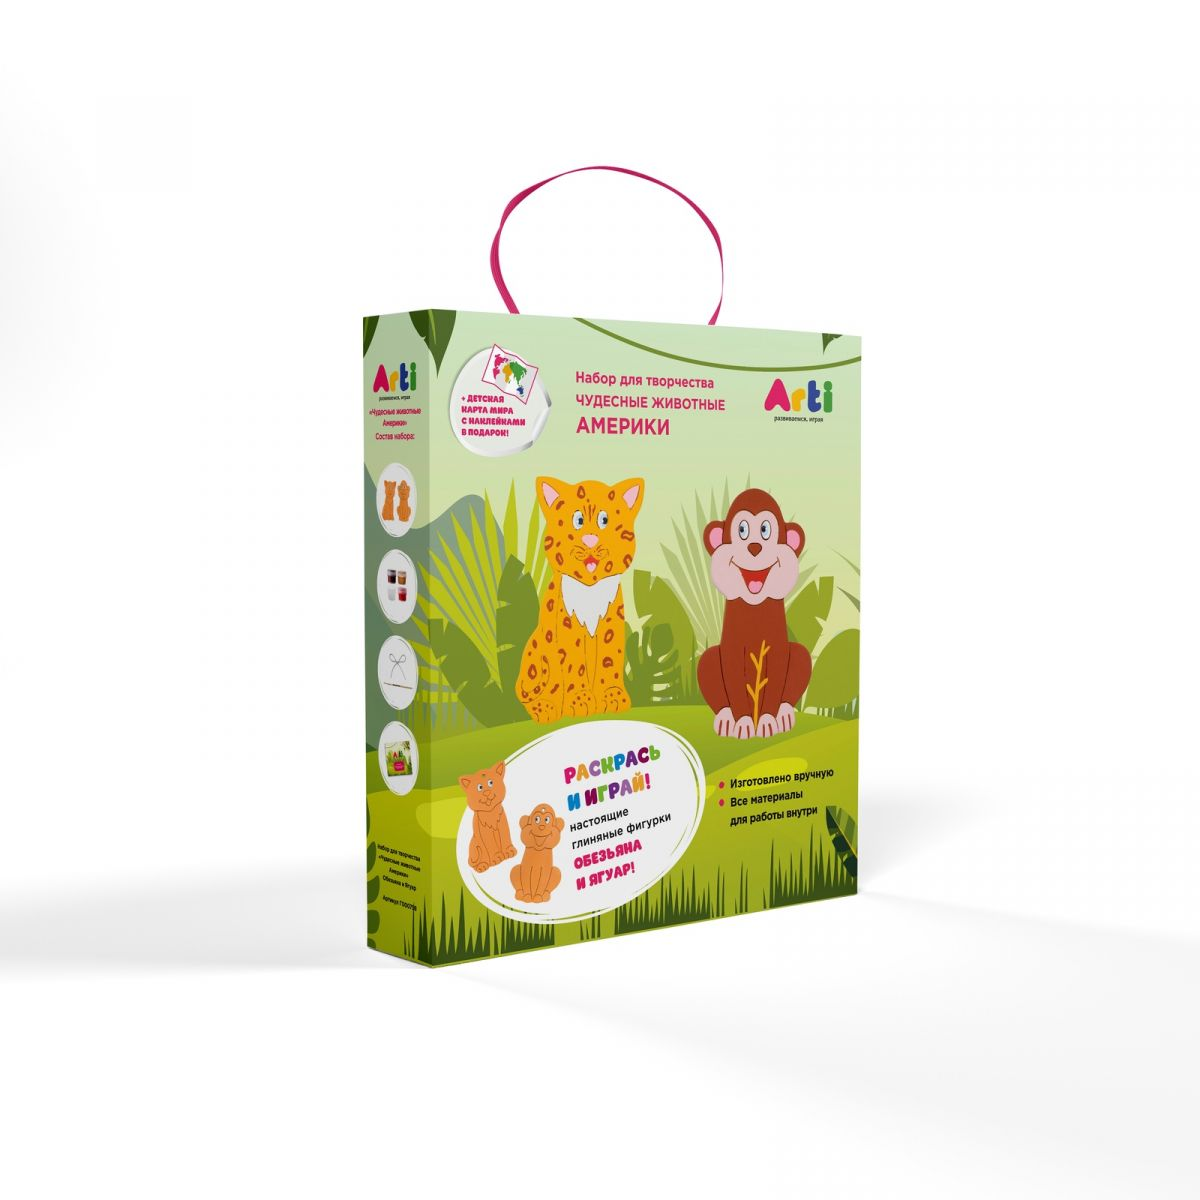 Набор для творчества Чудесные животные Америки - Обезьяна и ягуар, Arti  - купить со скидкой